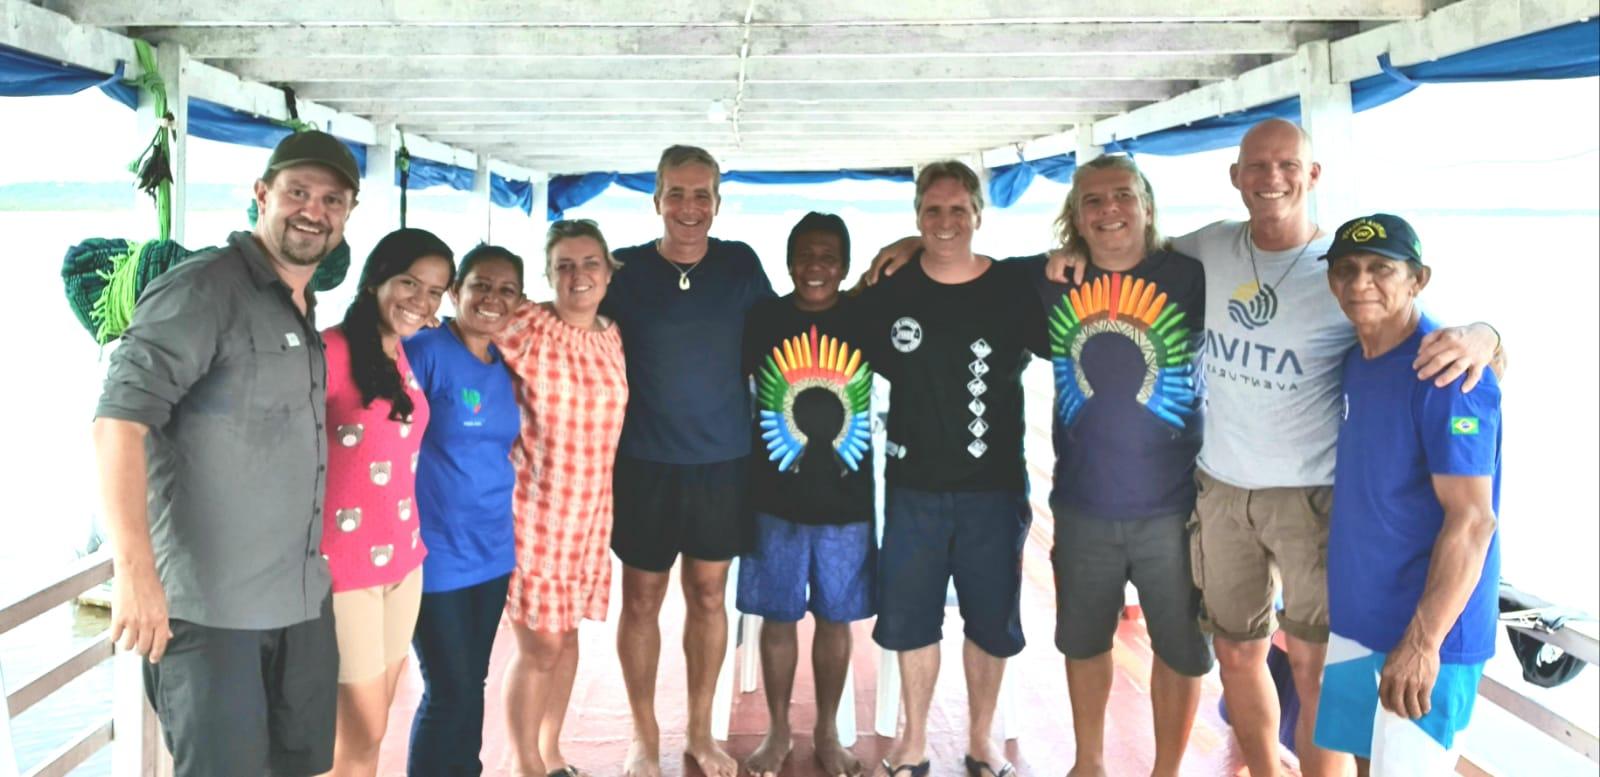 Impulse 4 Development team in Brazil